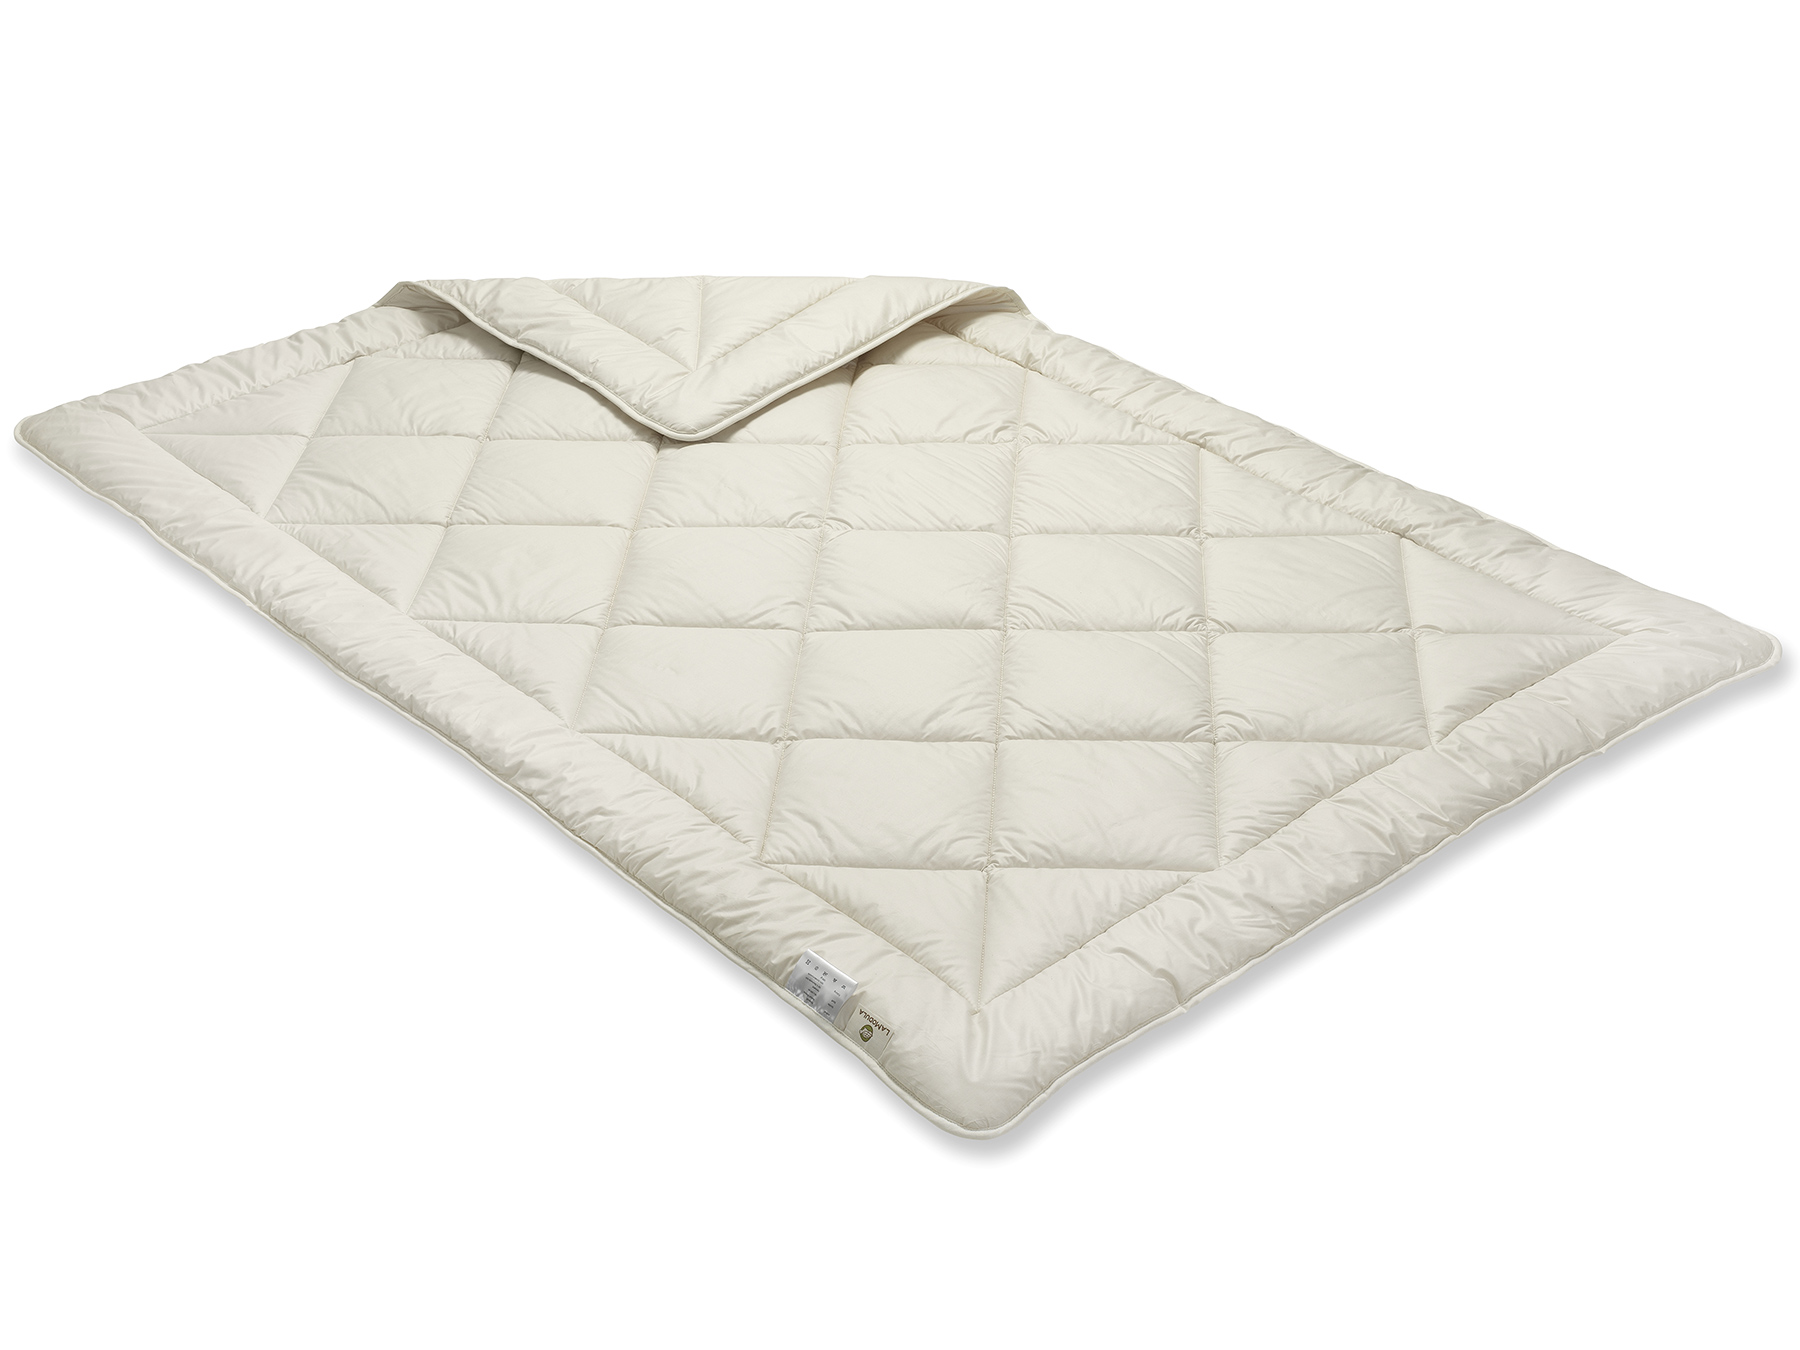 Durch das Füllmaterial schimmert die Decke gelblich, die Steppung entsteht durch die Einnadeltechnik.